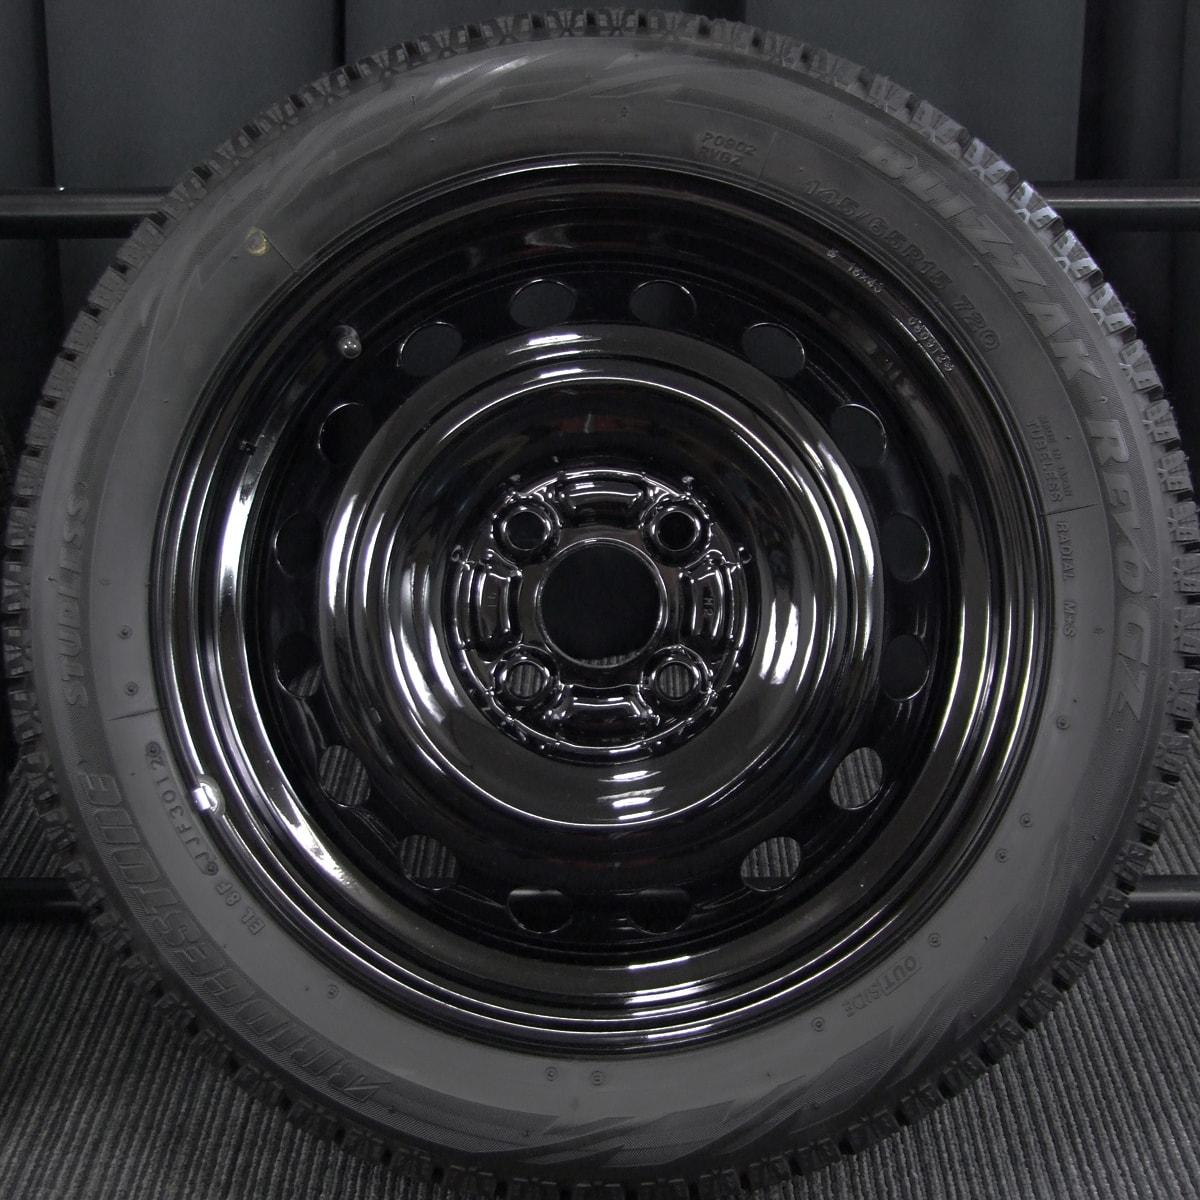 MITSUBISHI i 純正 ブラック BRIDGESTONE BLIZZAK REVO-GZ 145/65R15 175/55R15 4本SET